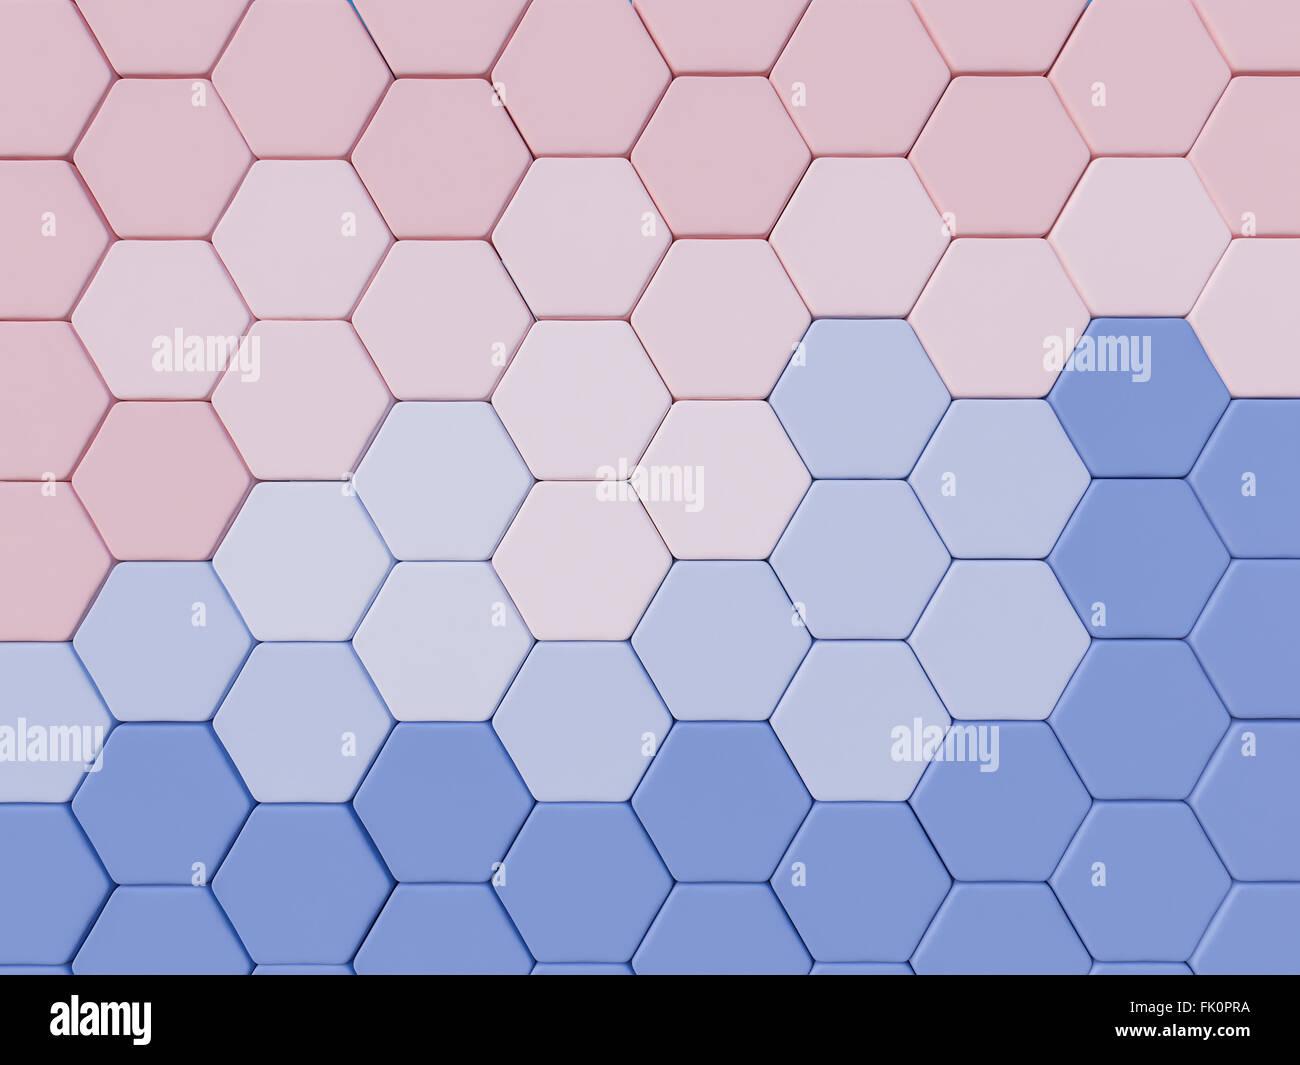 Sérénité bleu et rose quartz 3d abstrait arrière-plan hexagonal Photo Stock